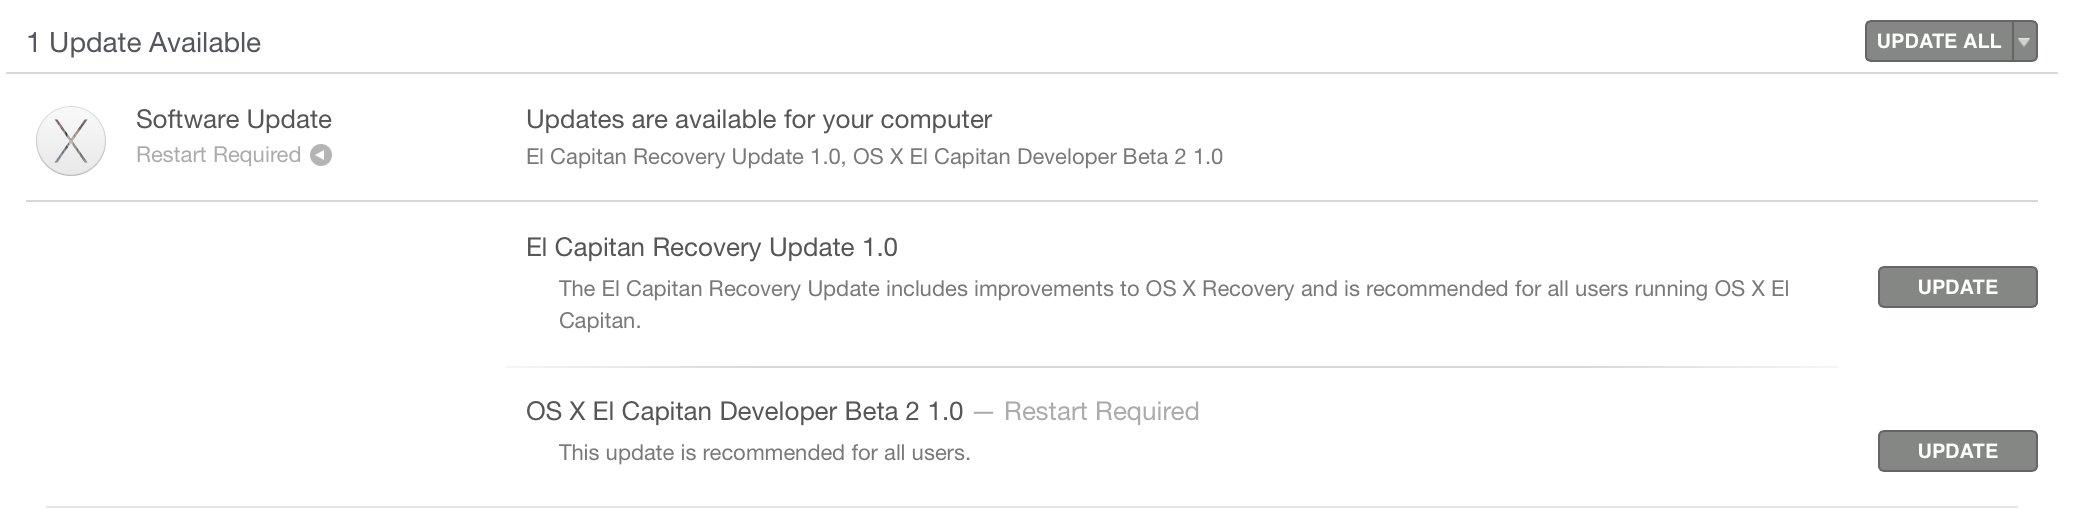 OS X 10.11 El Capitan beta 2